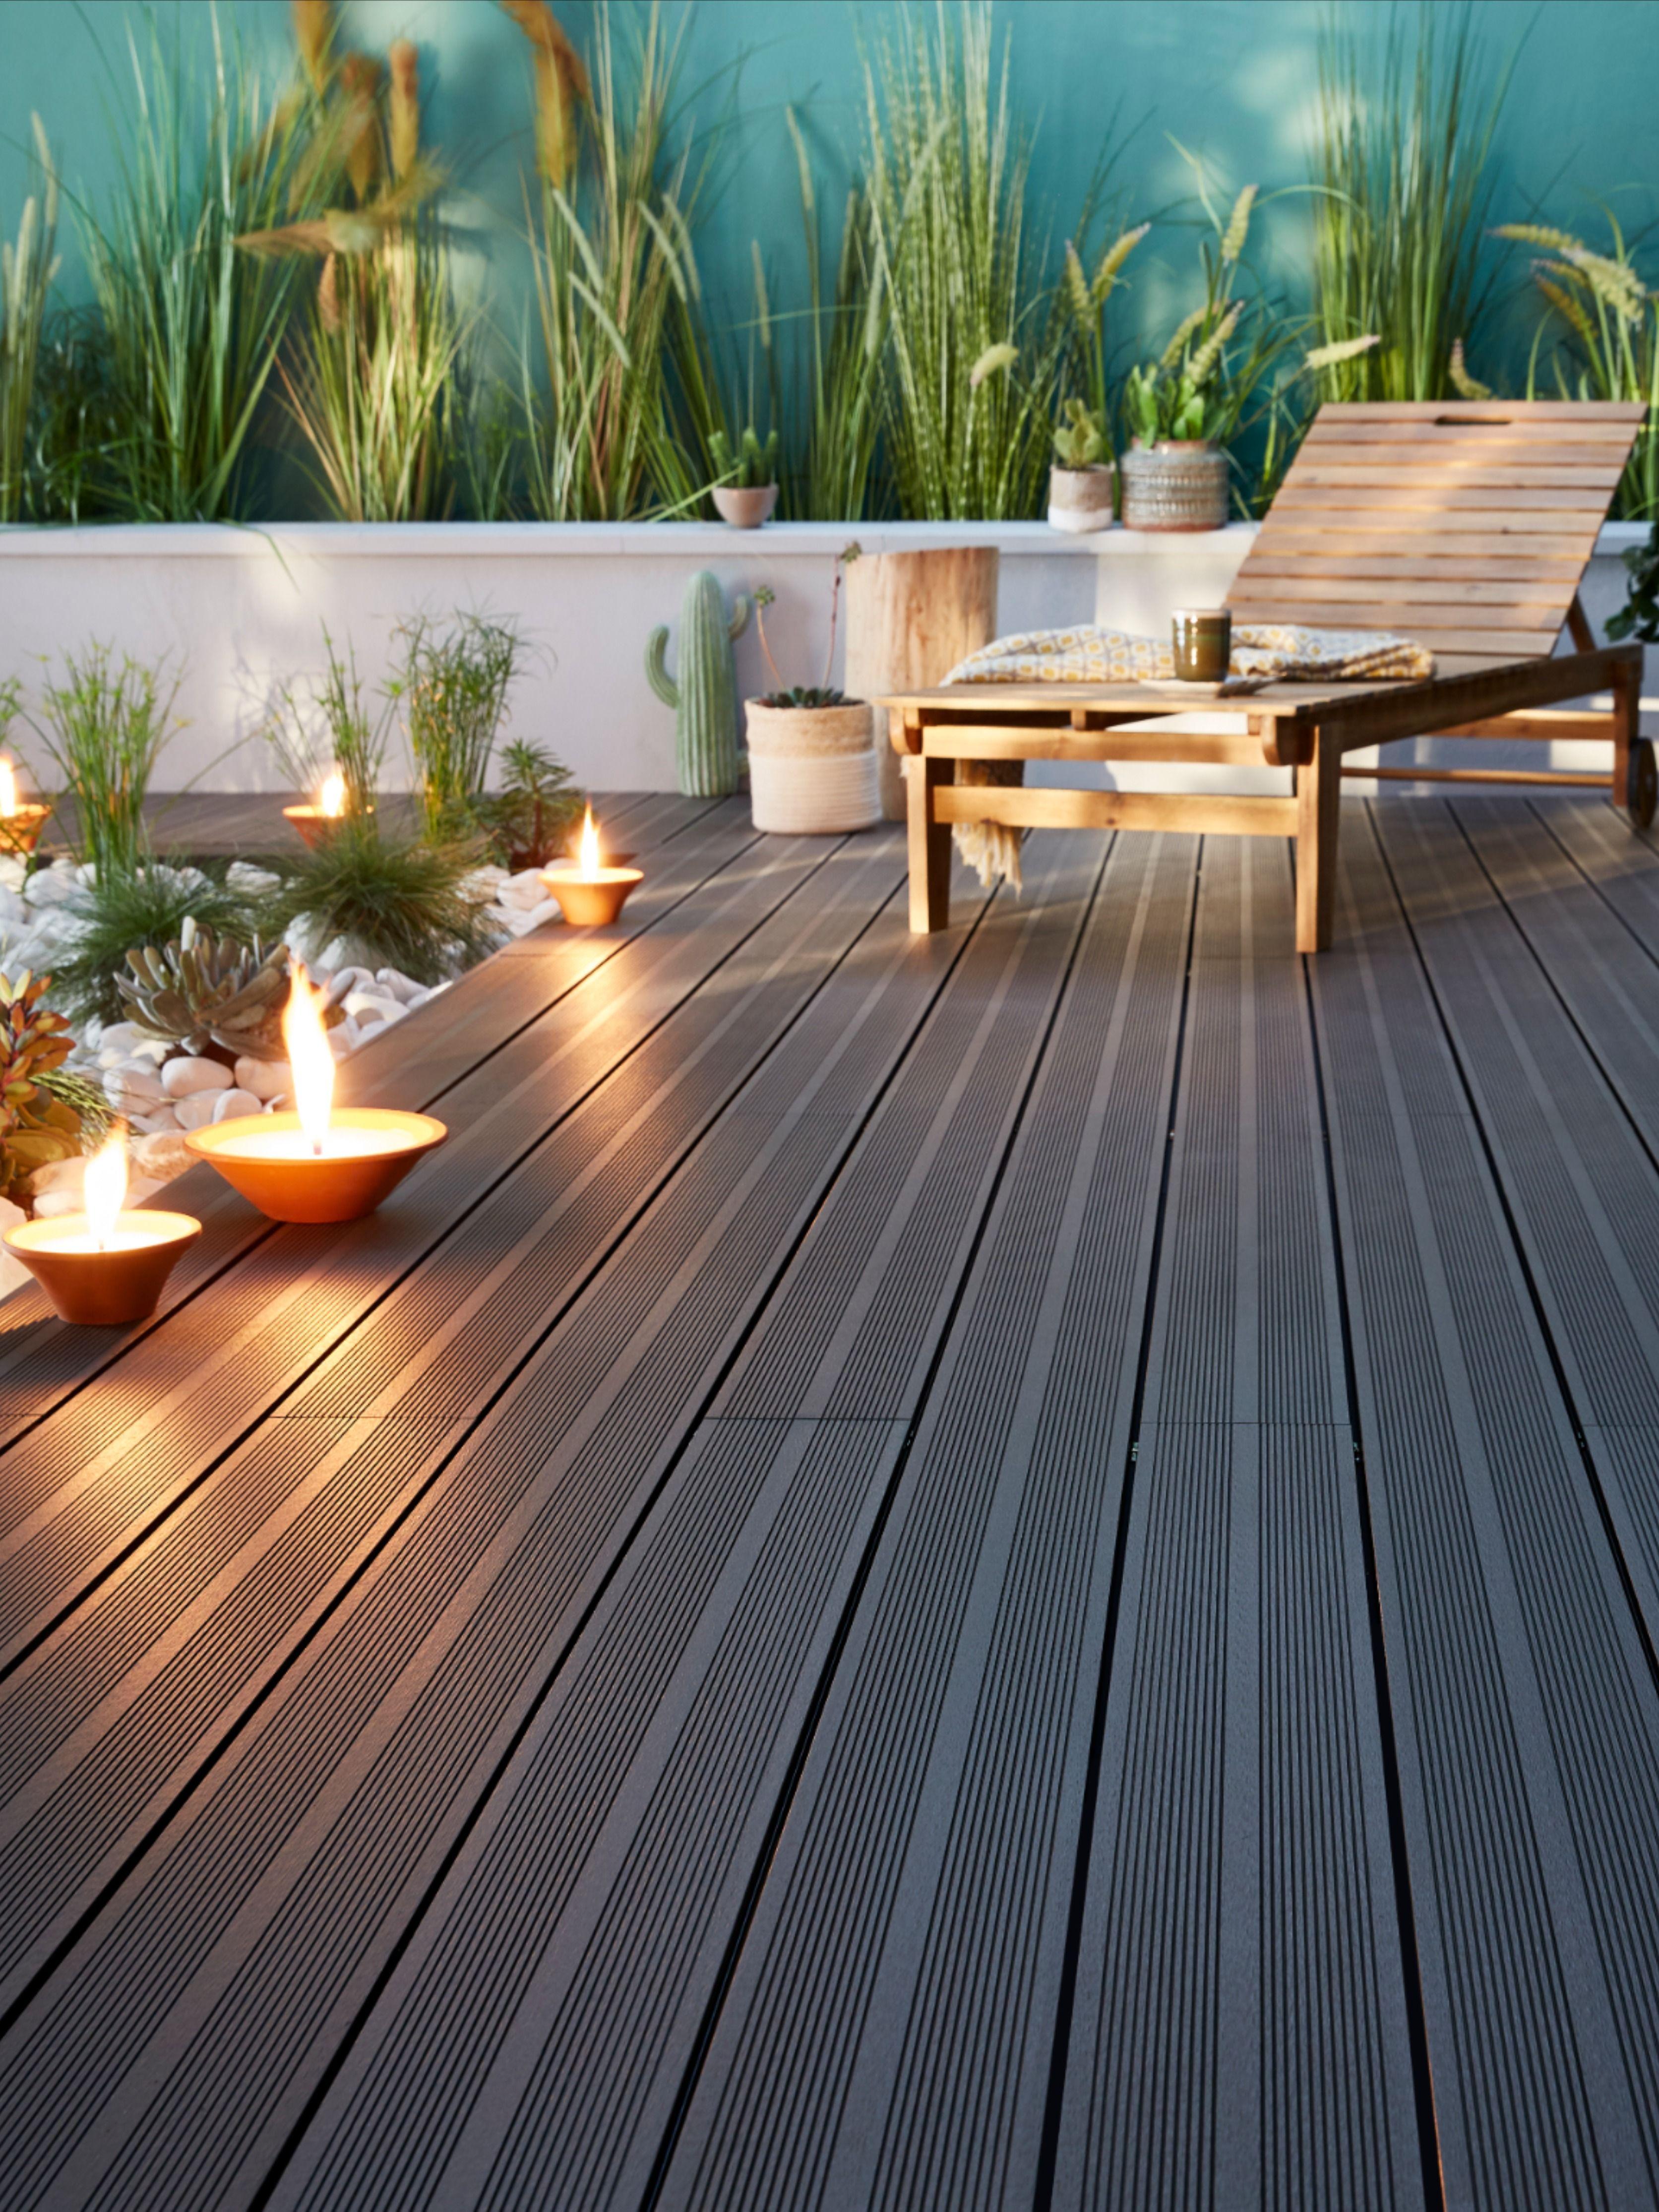 Aussi Zen Que Contemporaine Les Lames En Composite Anthracite Octroient A Votre Terrasse Style E Lame De Terrasse Composite Lame Terrasse Terrasse Jardin Bois